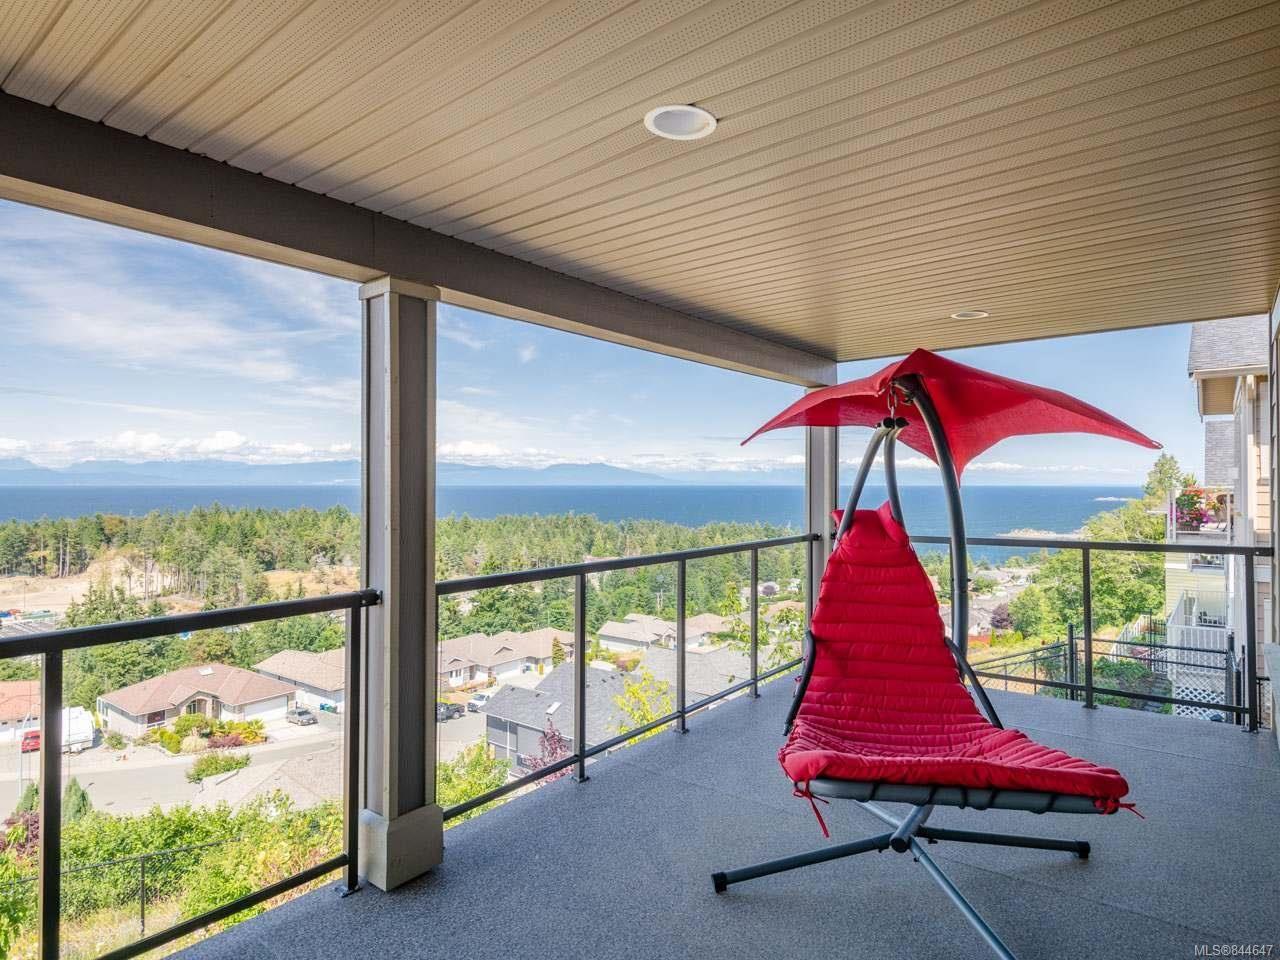 Photo 30: Photos: 4576 Laguna Way in NANAIMO: Na North Nanaimo House for sale (Nanaimo)  : MLS®# 844647